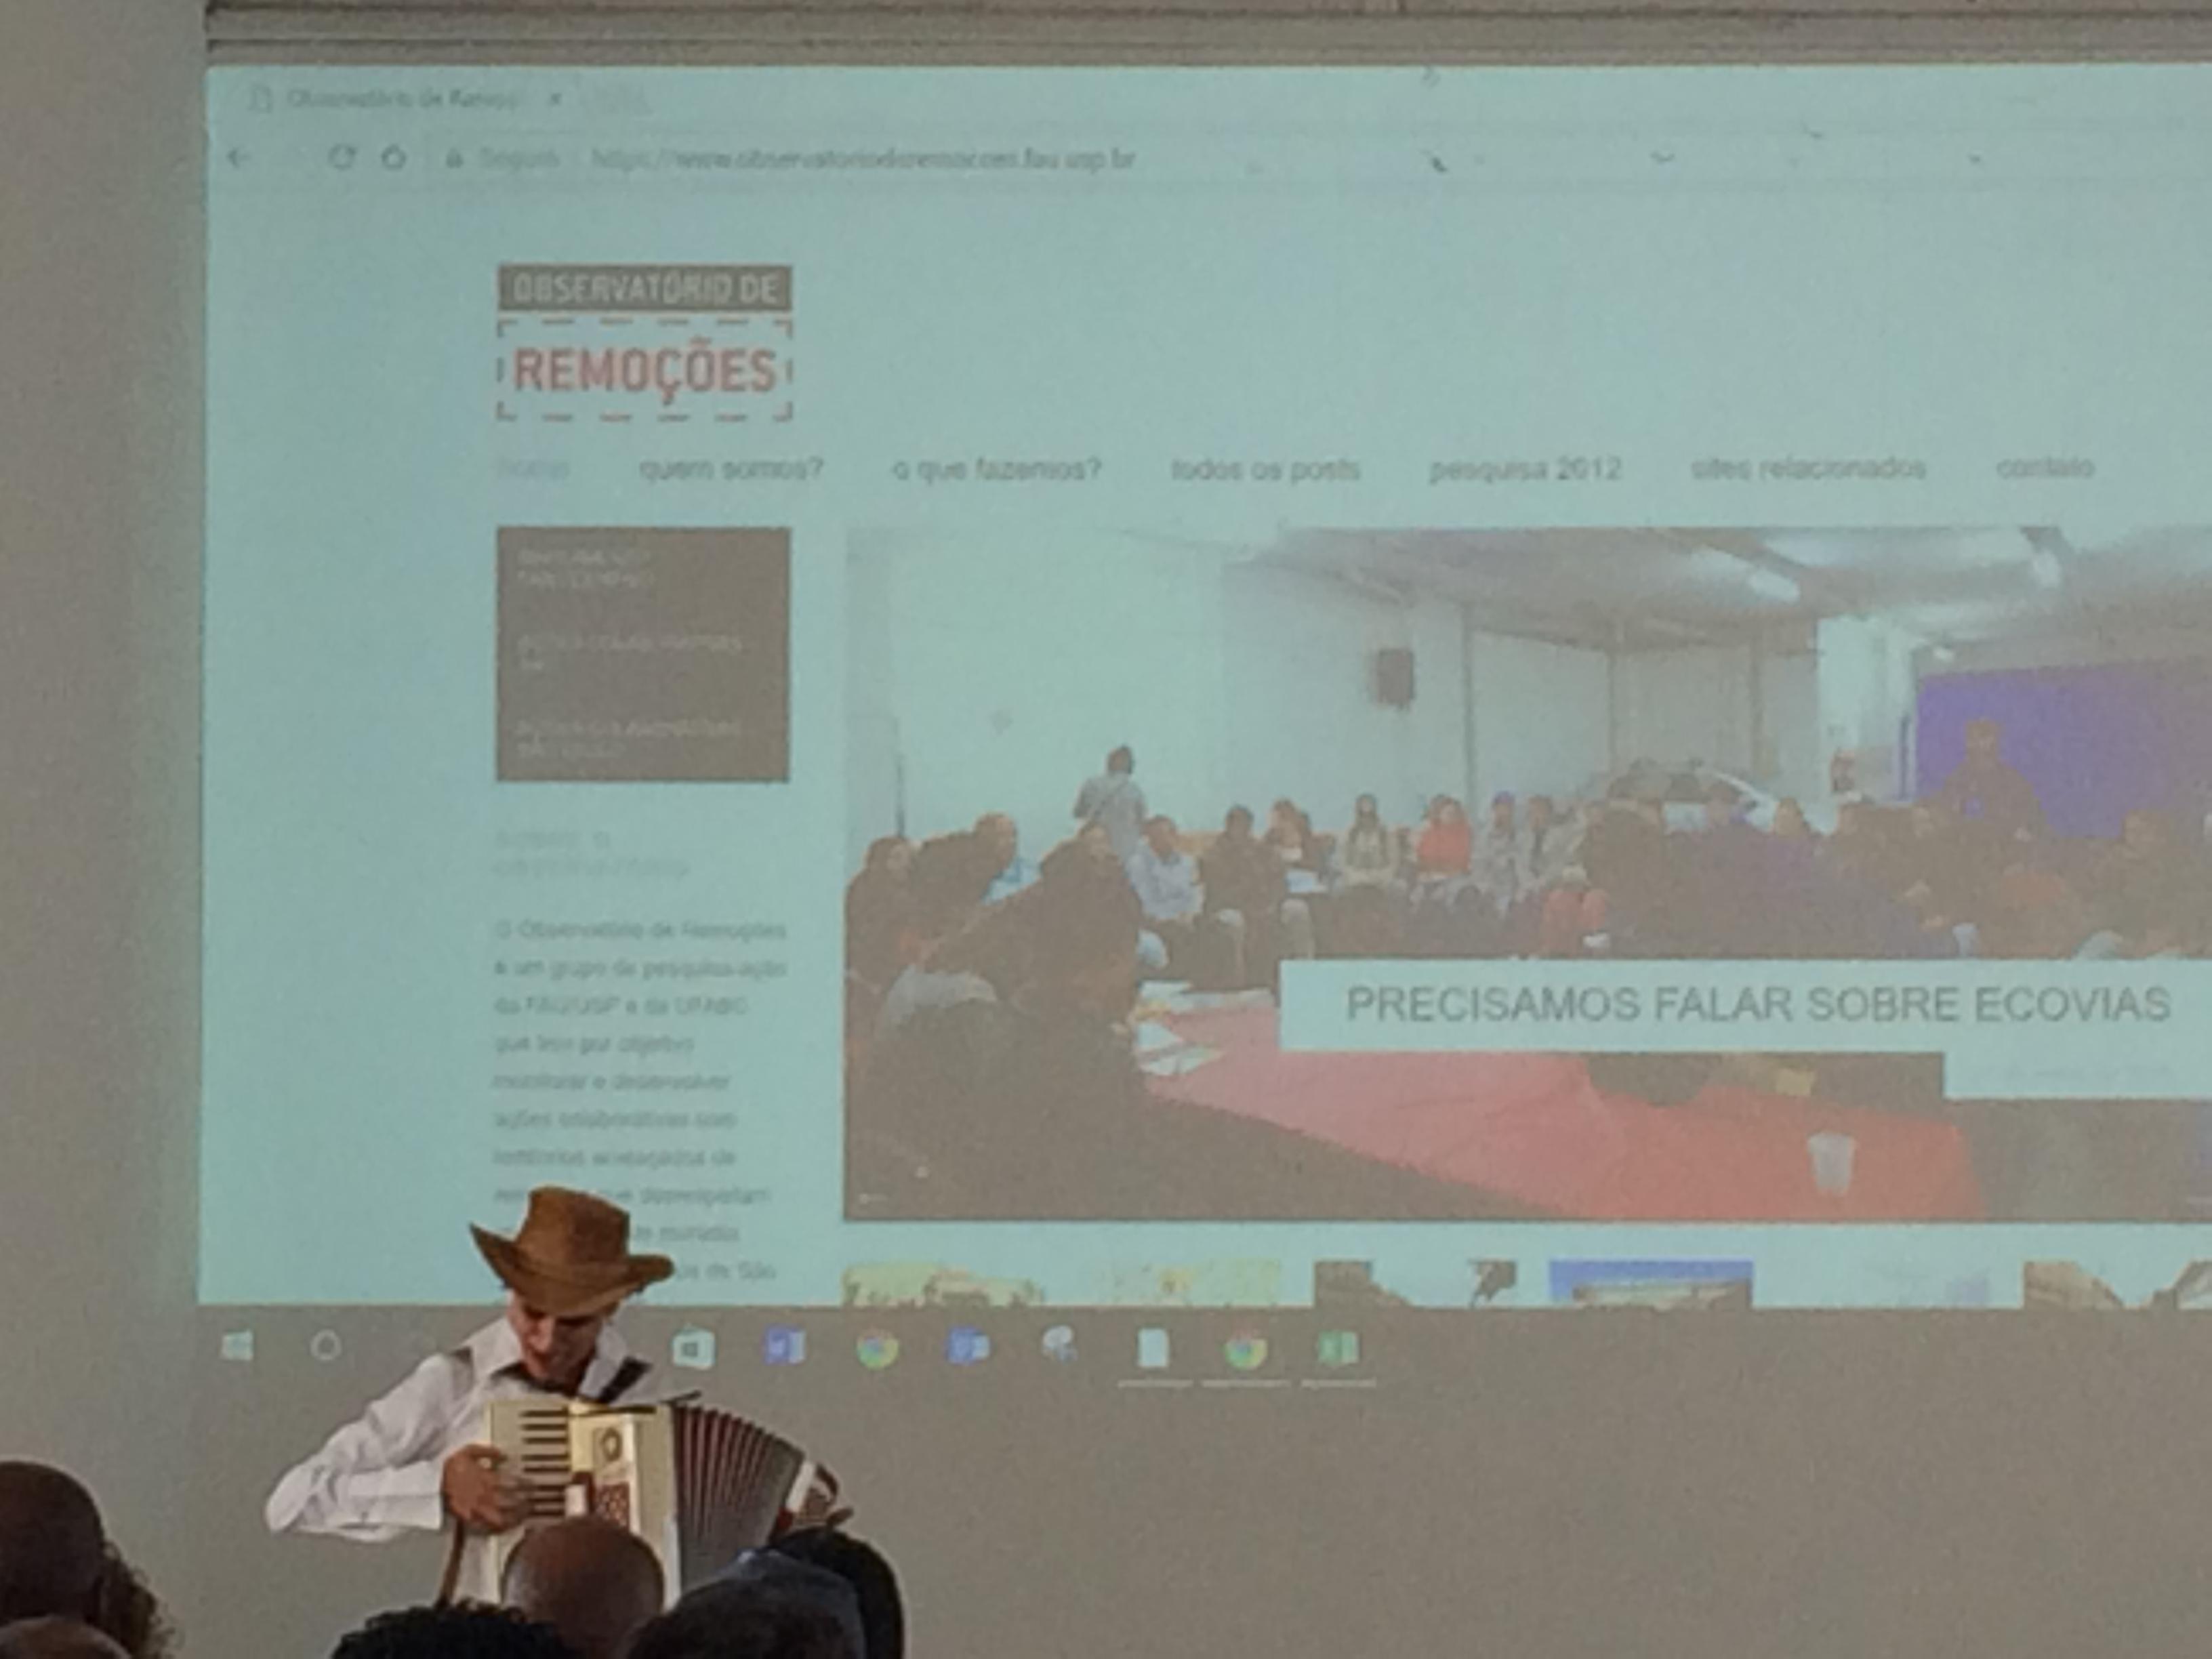 Abertura da apresentação @Beatriz Nobumoto